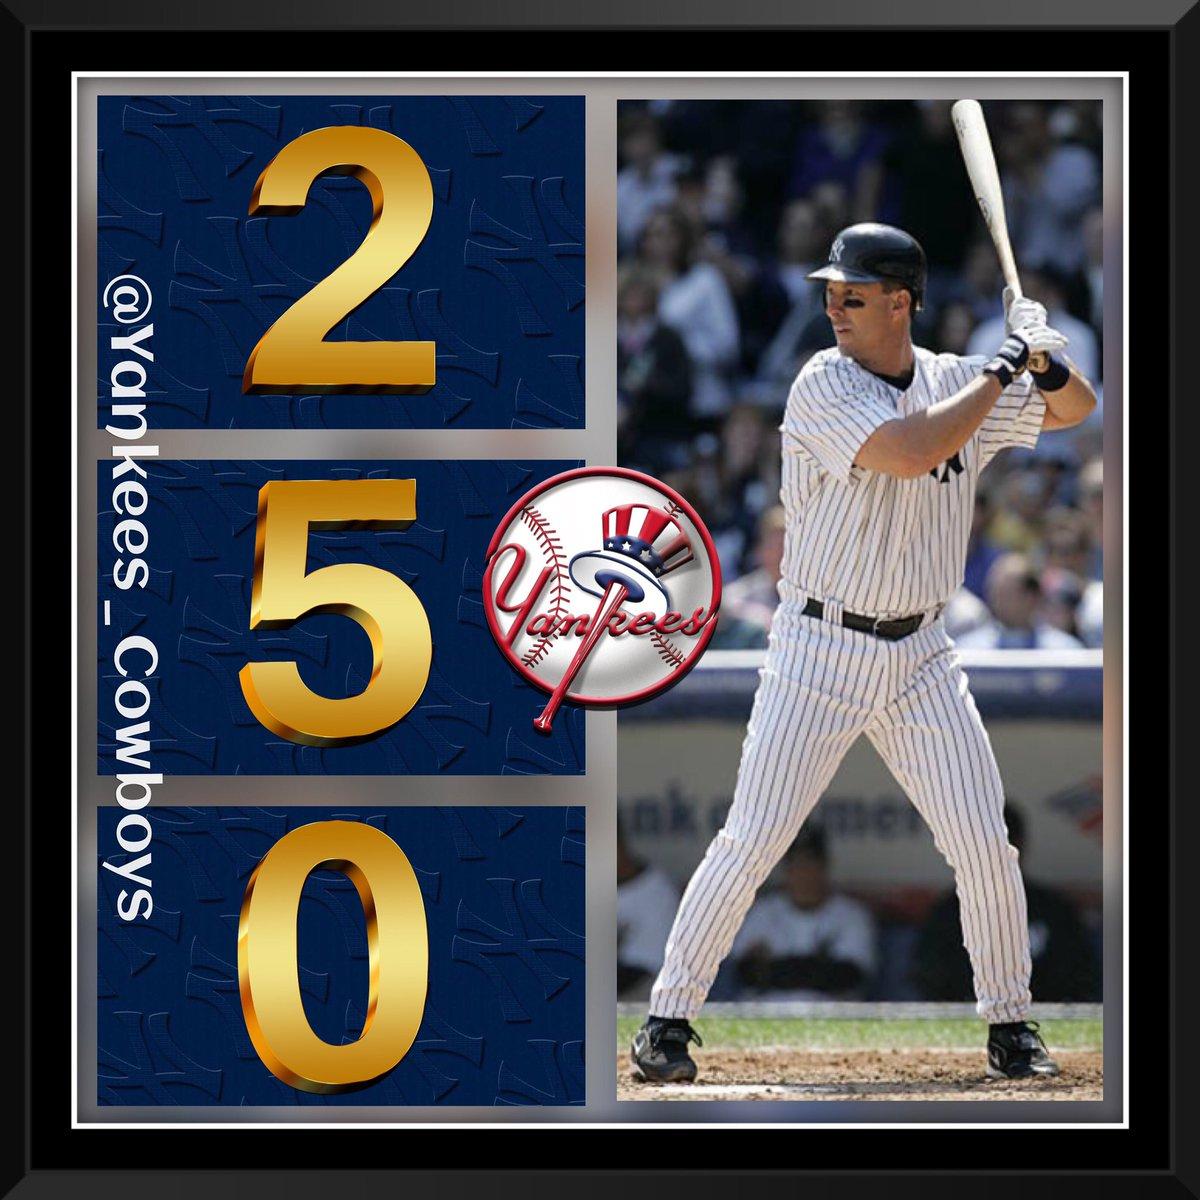 OTD in 2001, At @YankeeStadium New York @Yankees 1st basemen Tino Martinez went yard with his 2️⃣5️⃣0️⃣th @MLB career Home Run.   #YankeesHistory #Yankees #TinoMartinez #PinstripePride    #NYY #MLB #NYYankees #BronxBombers #YankeeStadium #ChaseFor28